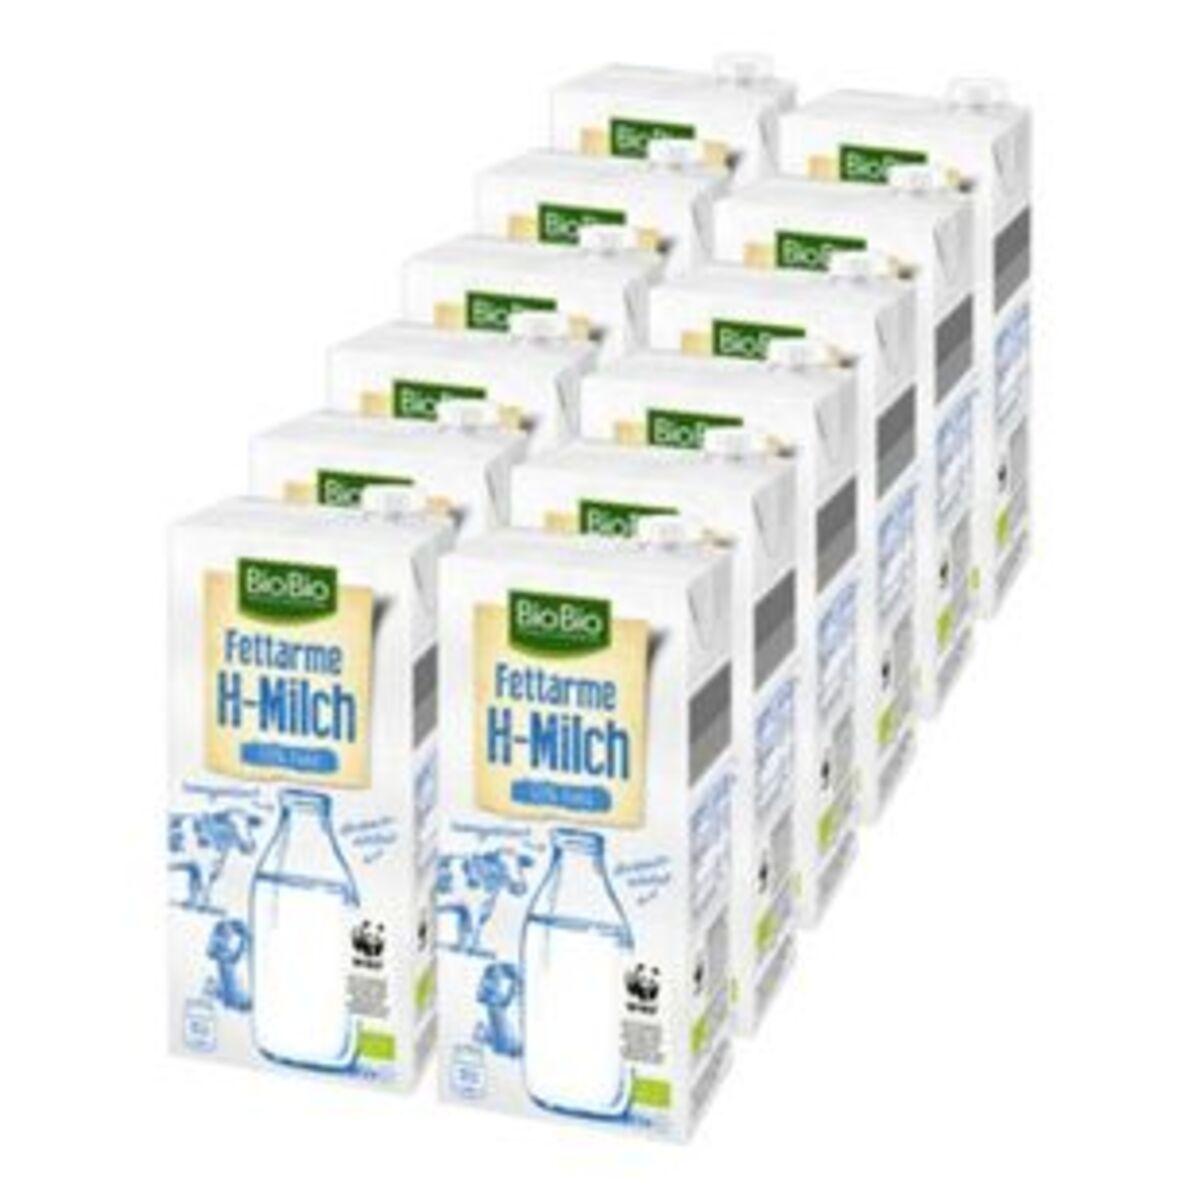 Bild 2 von BioBio H-Milch 1,5 % 1 Liter, 12er Pack